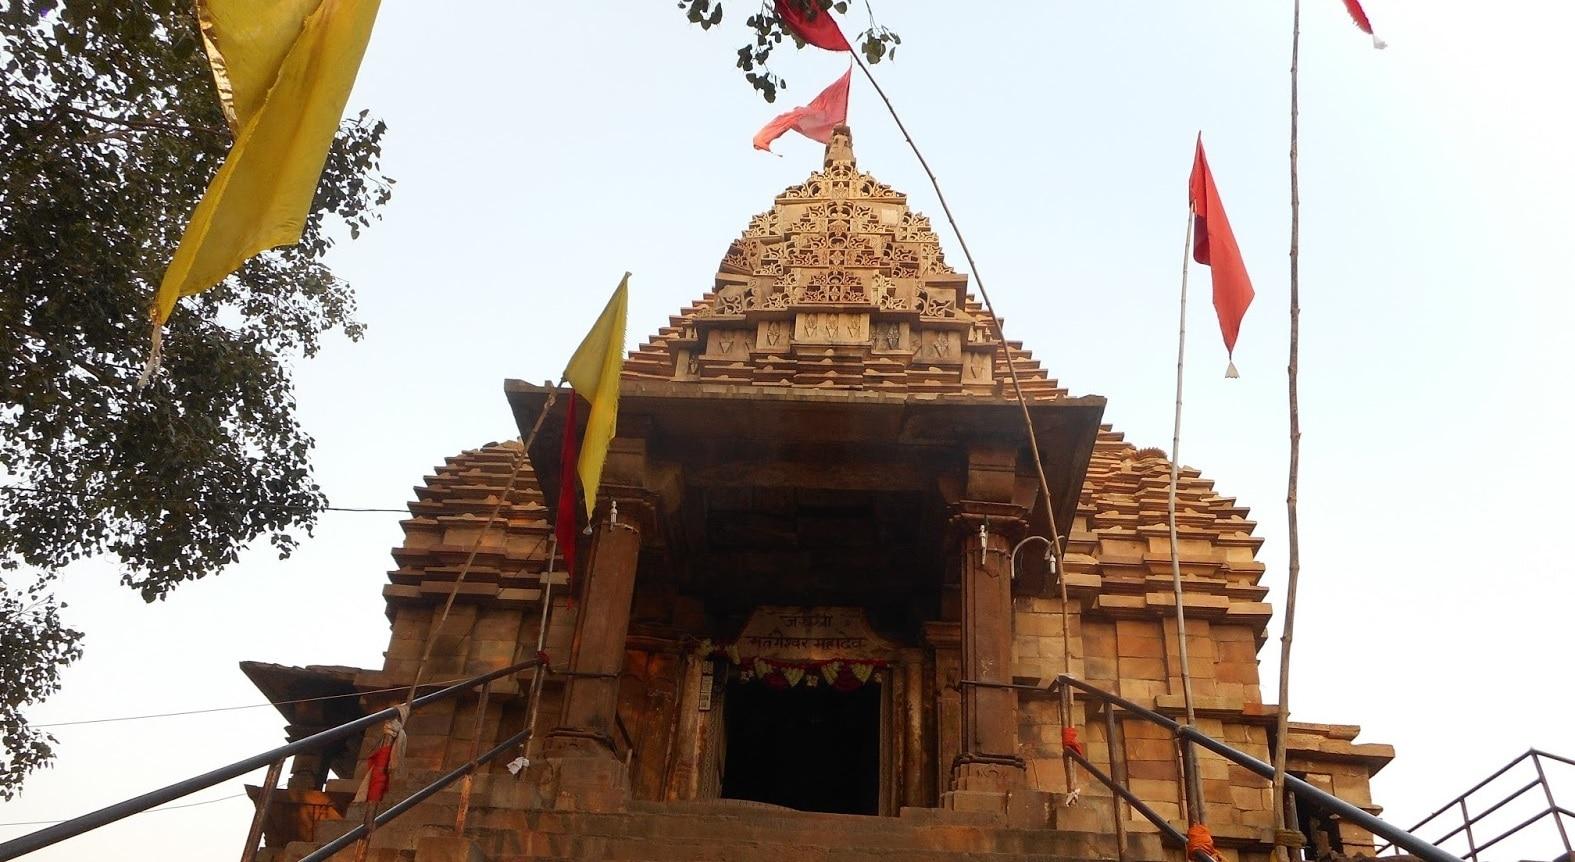 एक ऐसा मंदिर, जहां स्थापित शिवलिंग के नीचे है मणि